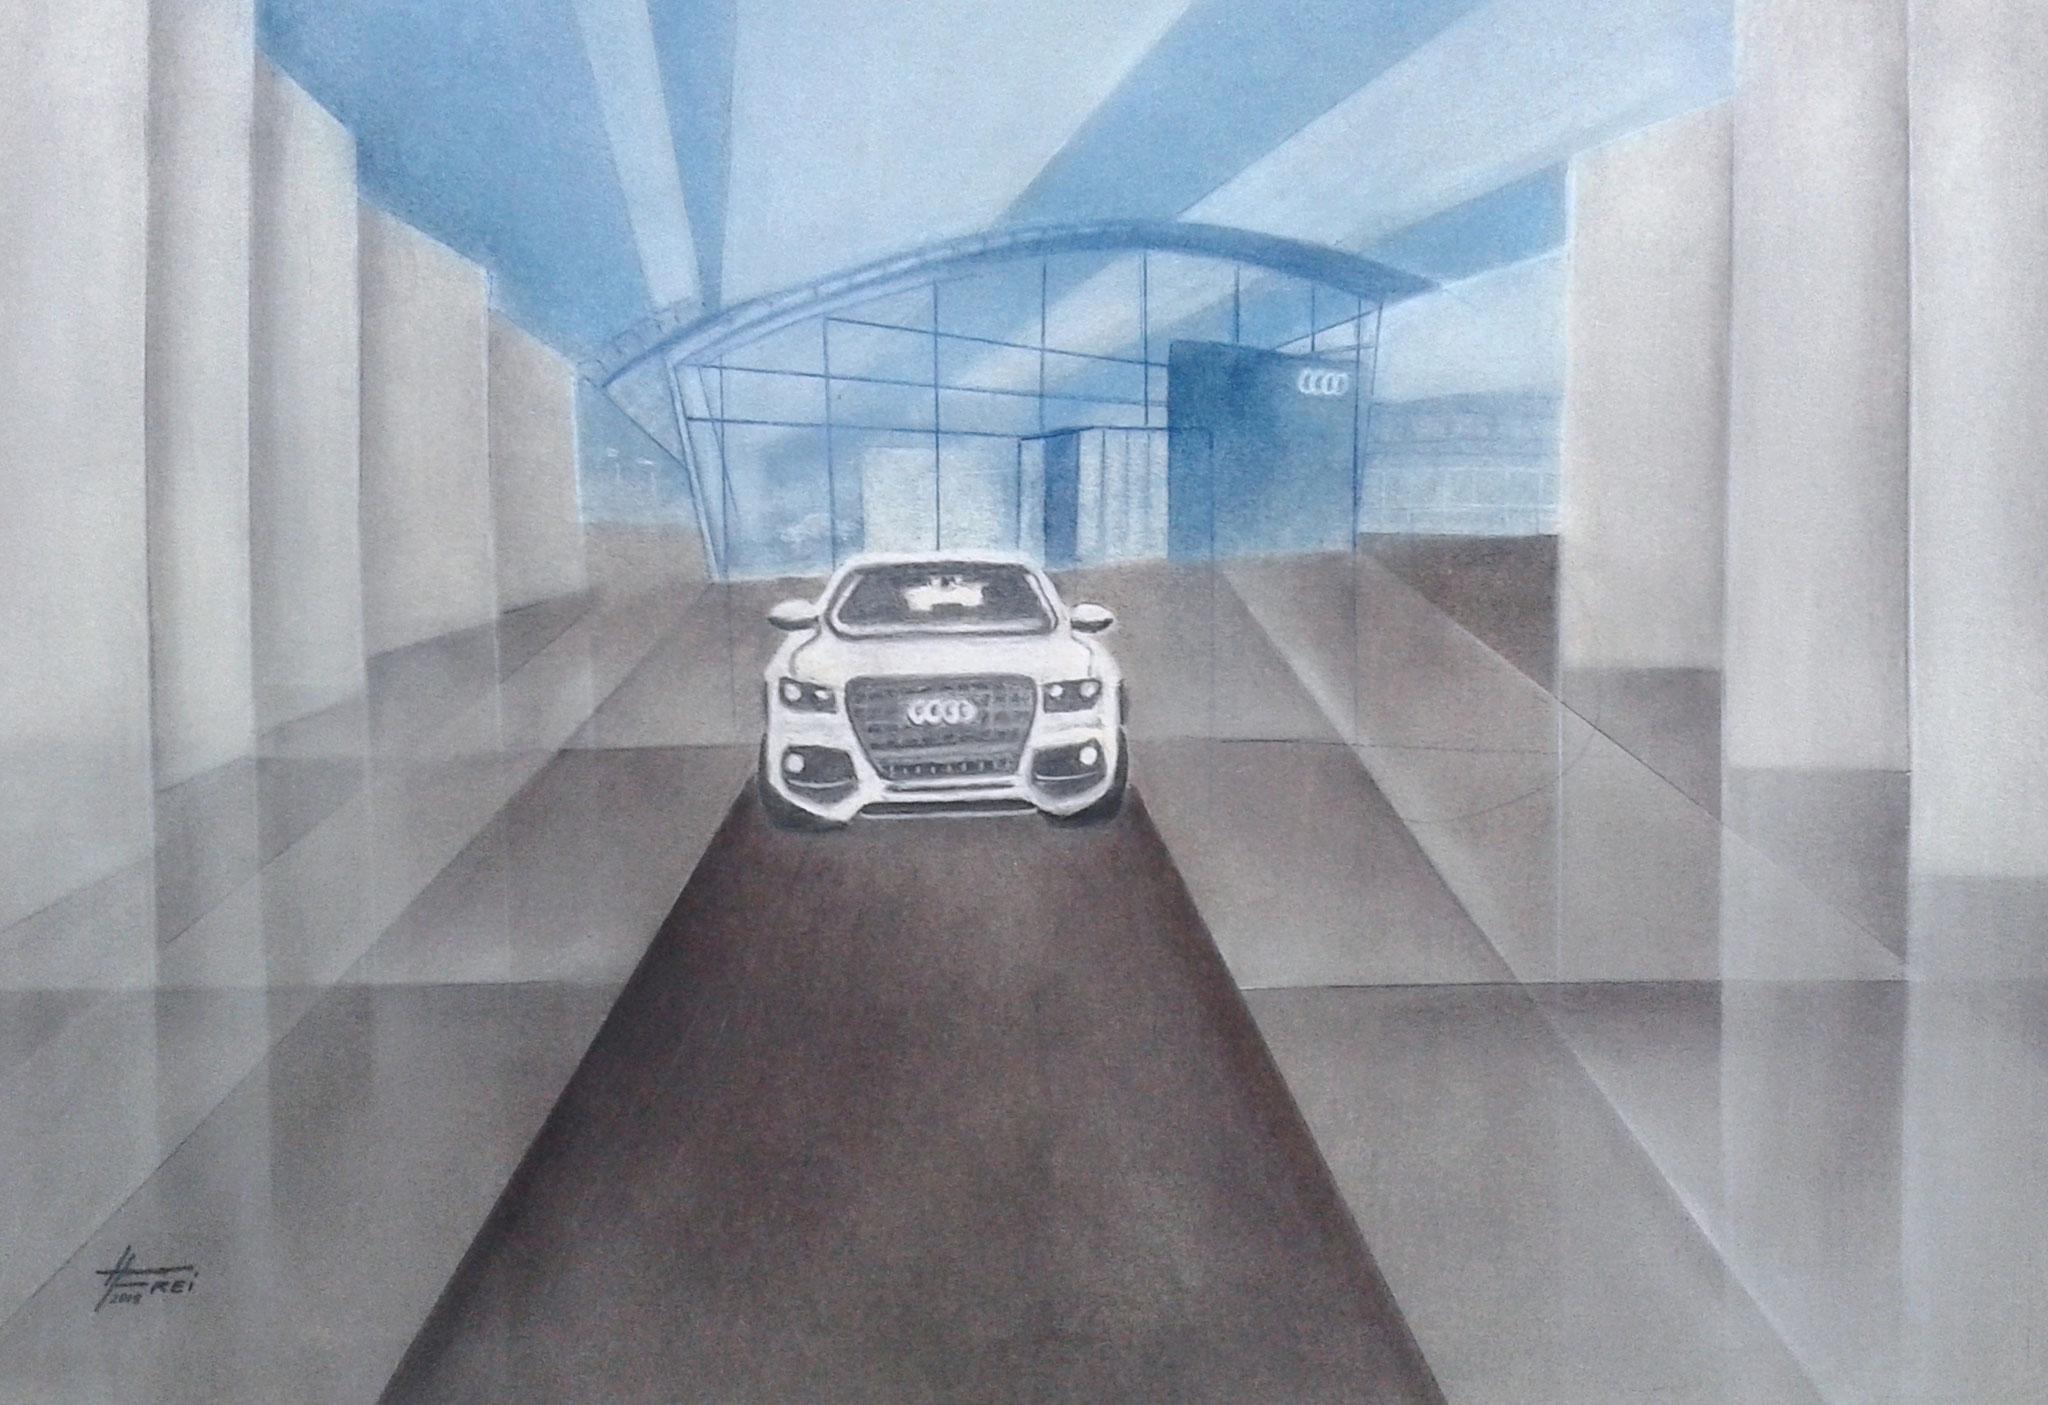 ART HFrei - Fahrt in die Zukunft